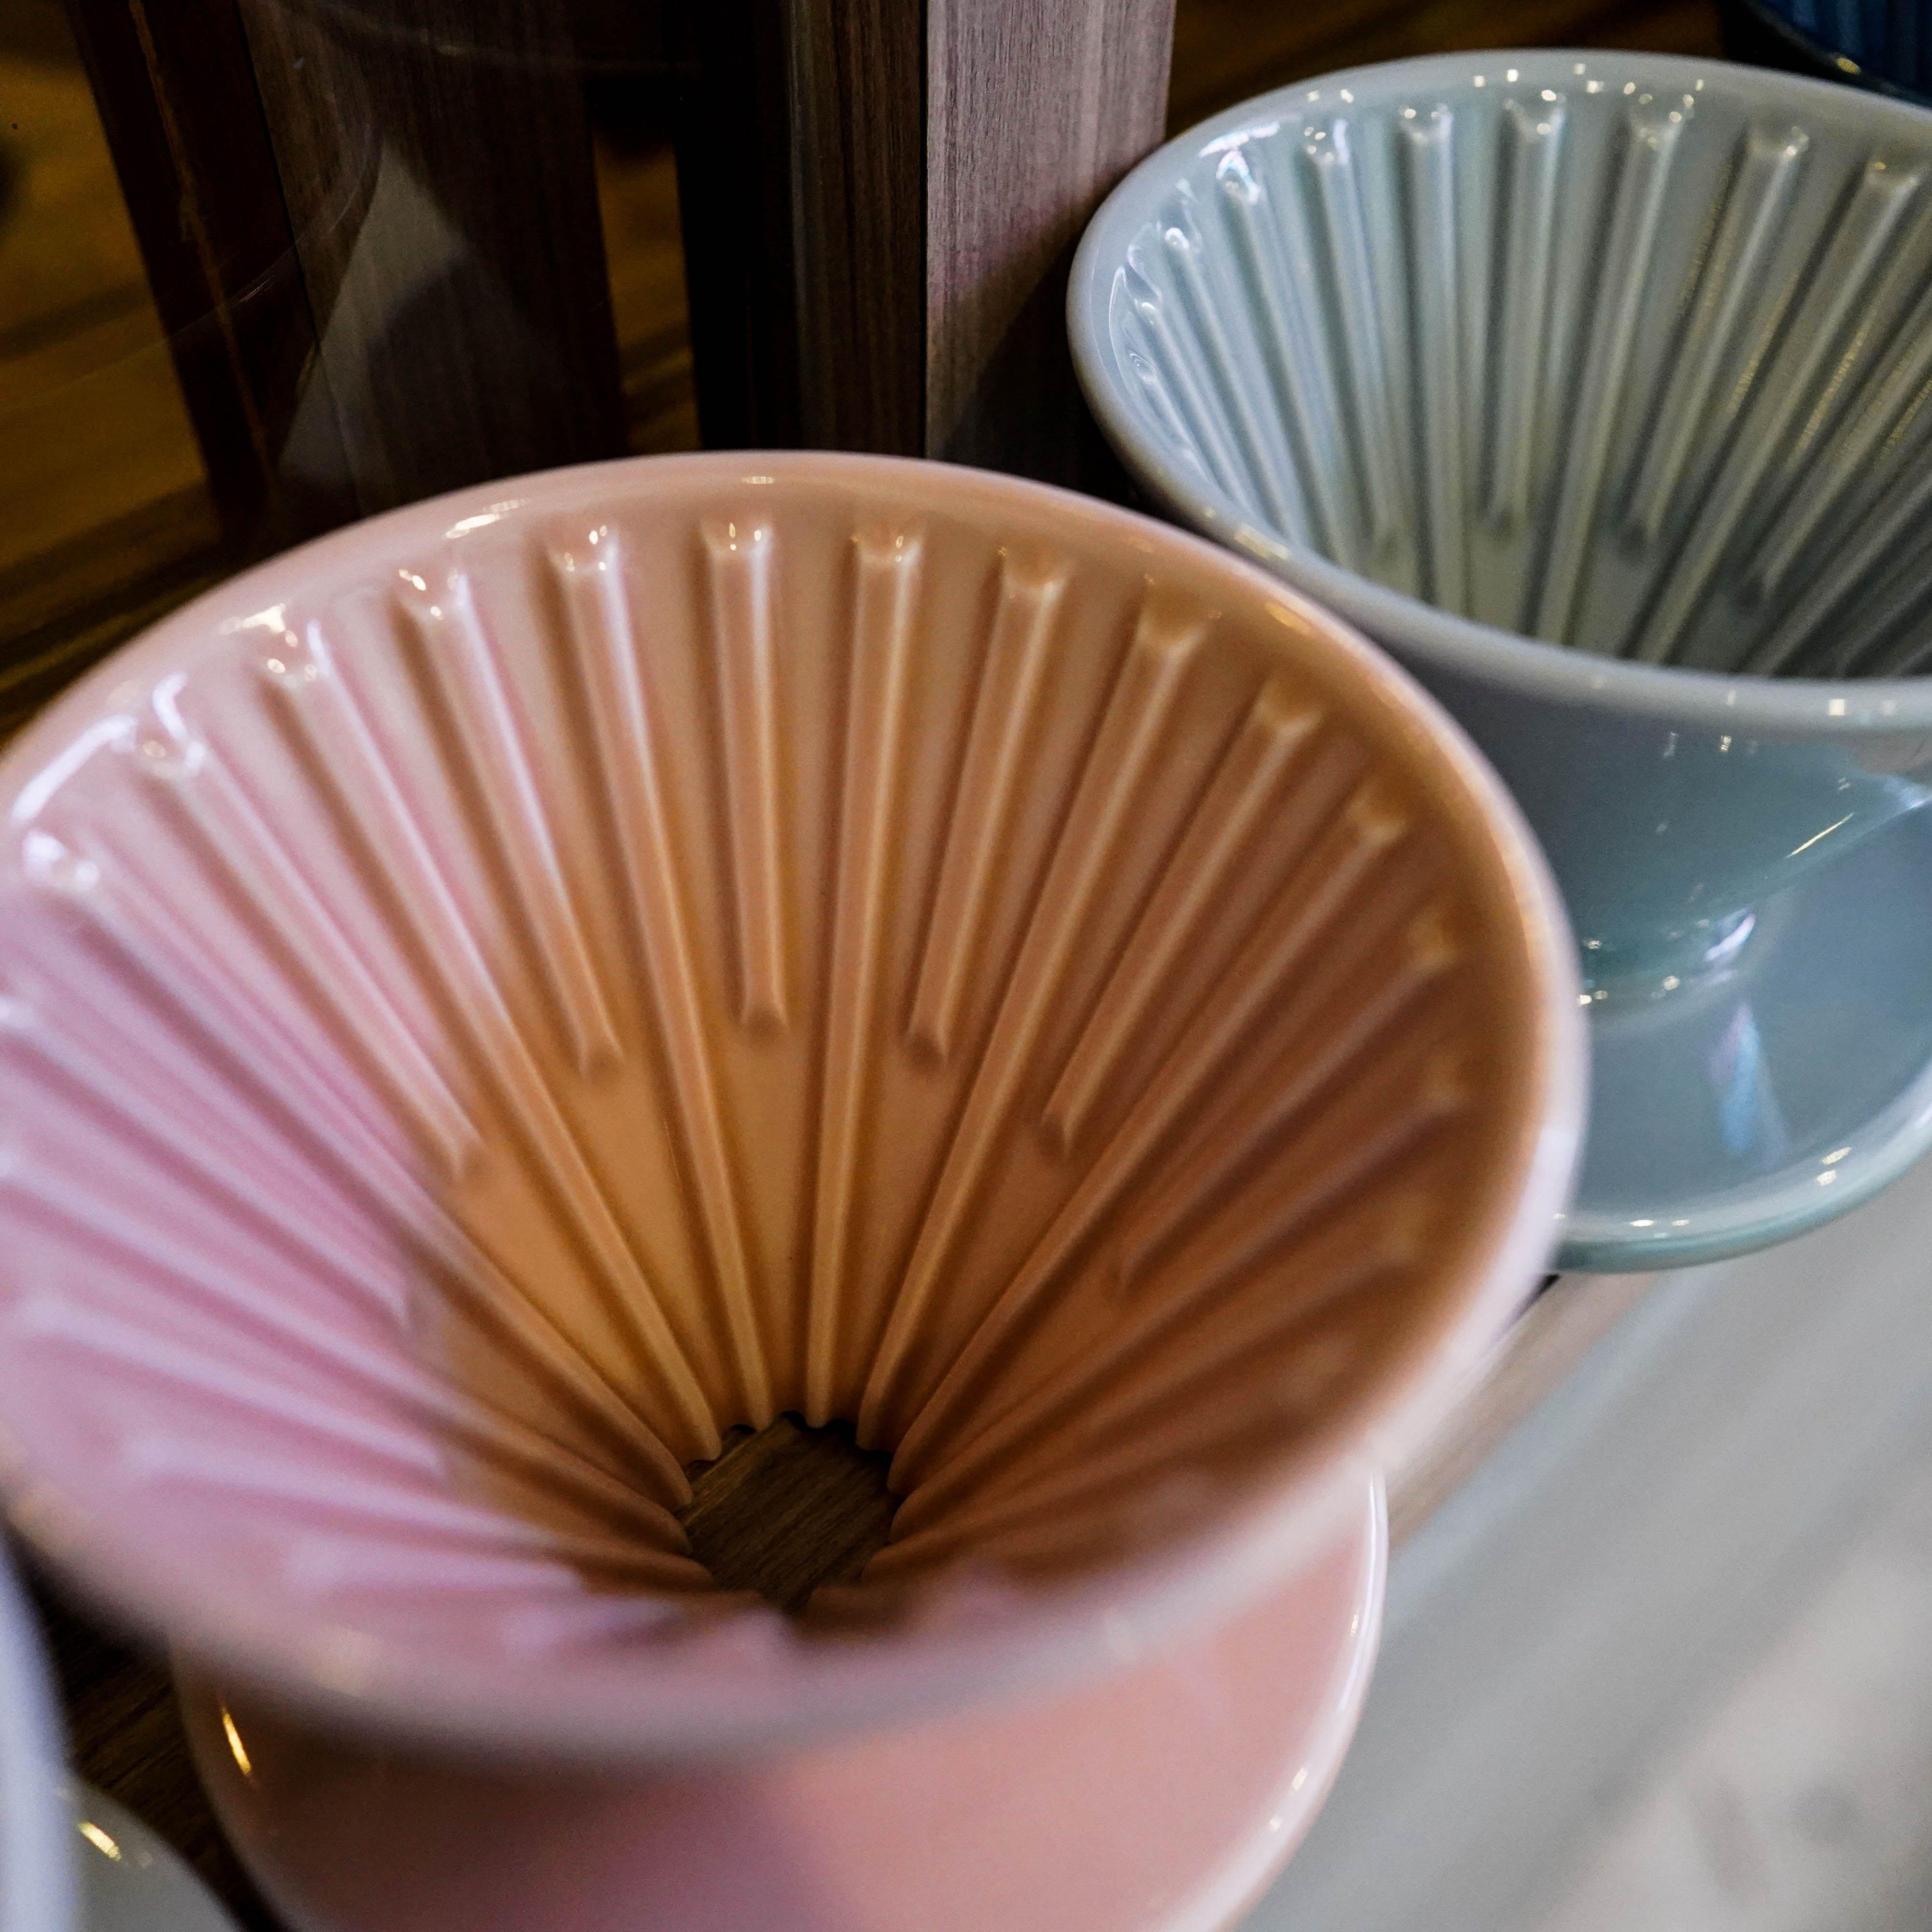 【沐湛咖啡】CAFEDE KONA Hasami 波佐見燒 陶瓷 錐形濾杯 1-2人 藍色/白色/粉色/灰色